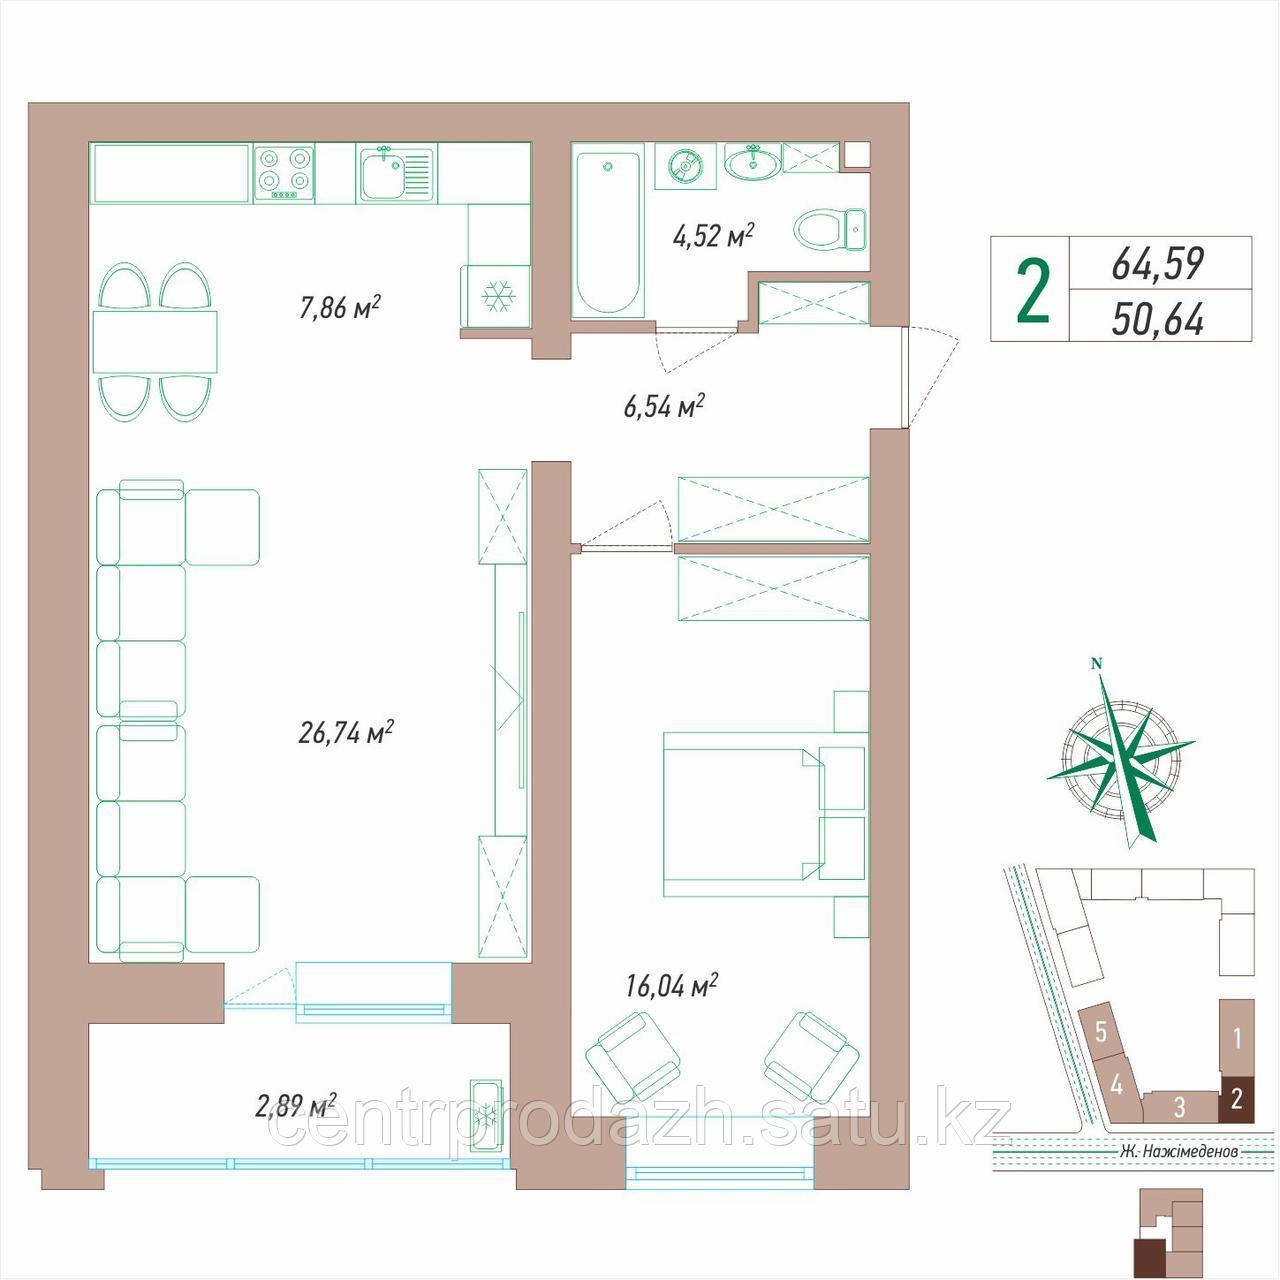 2 комнатная квартира 64.59 м²